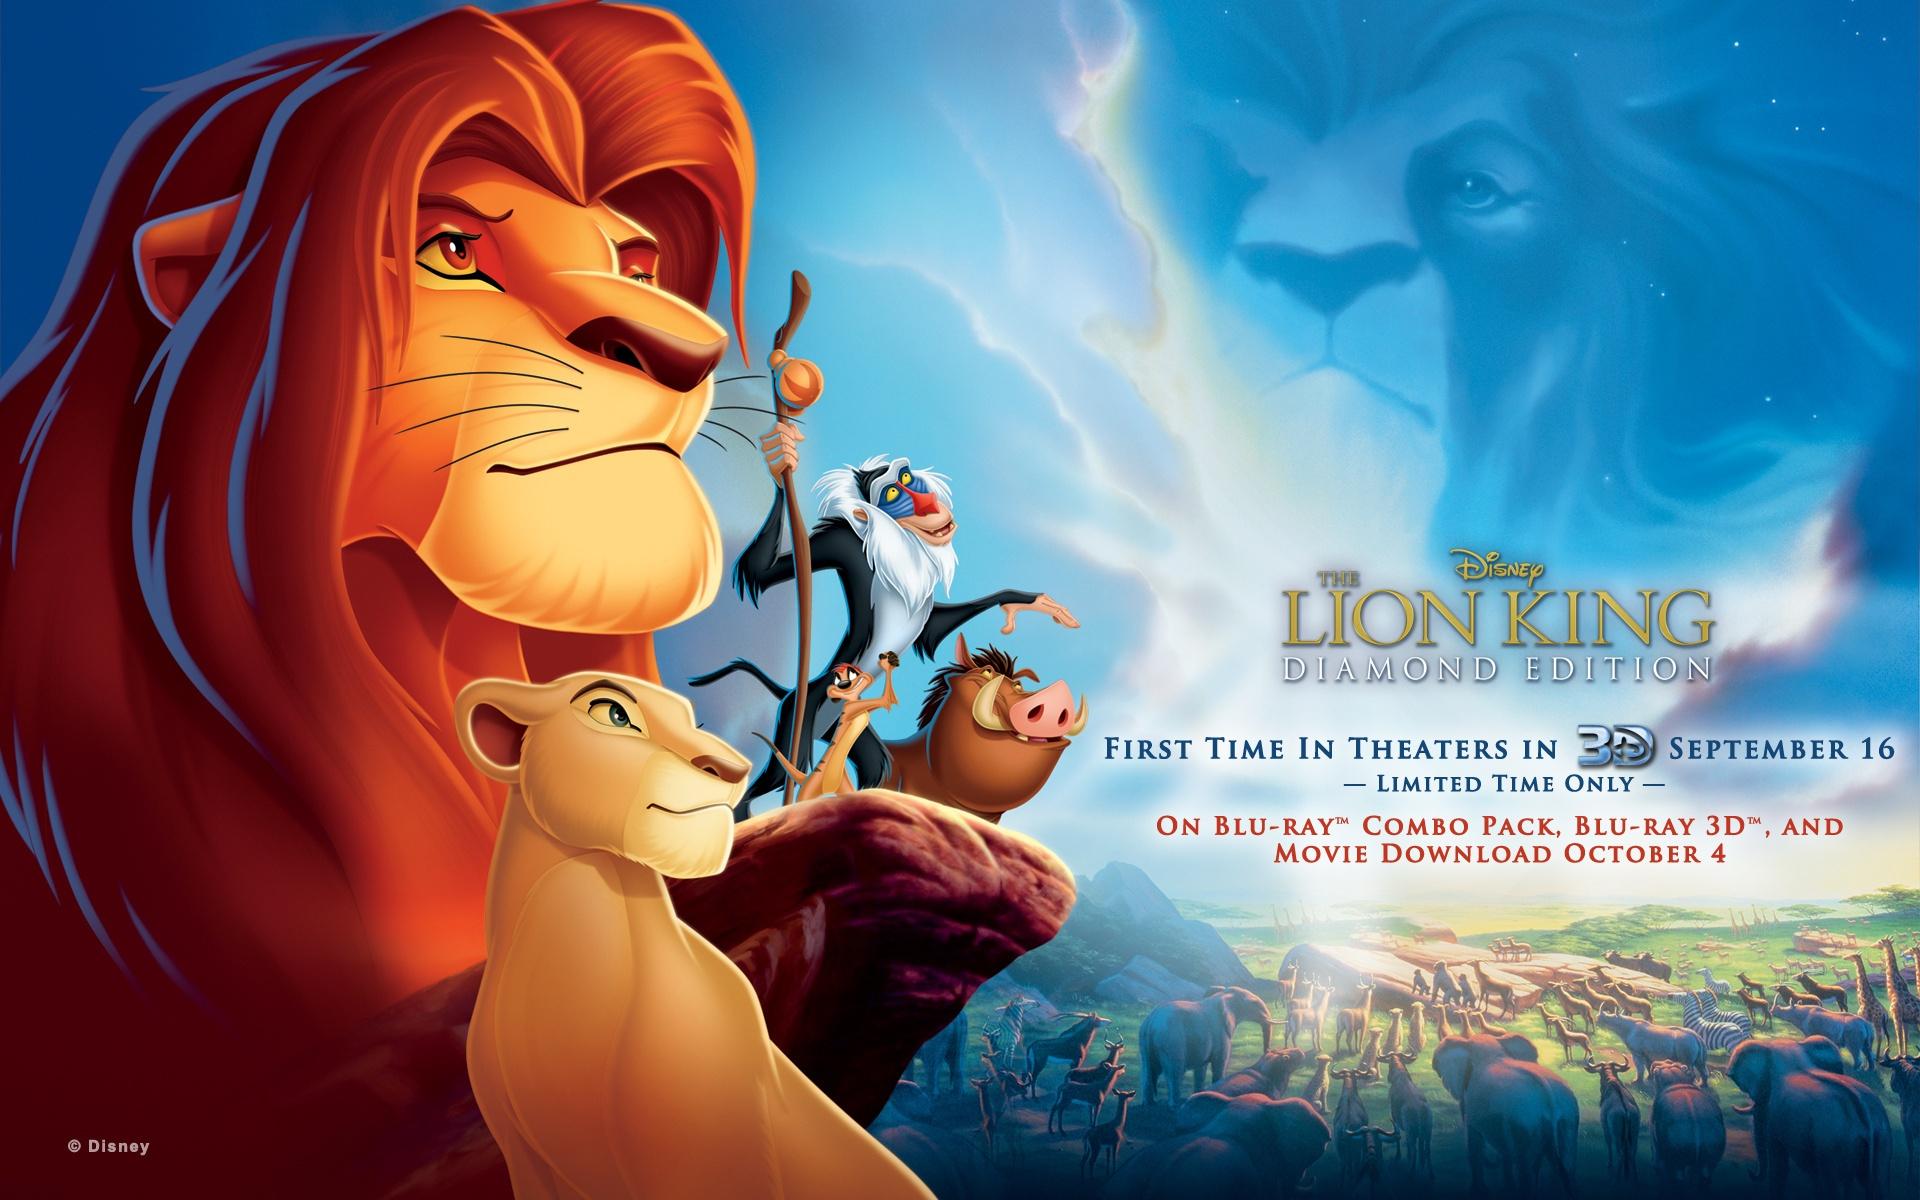 ディズニー映画のライオンキング 壁紙 - 1920x1200    1920x1200 壁紙ダウ